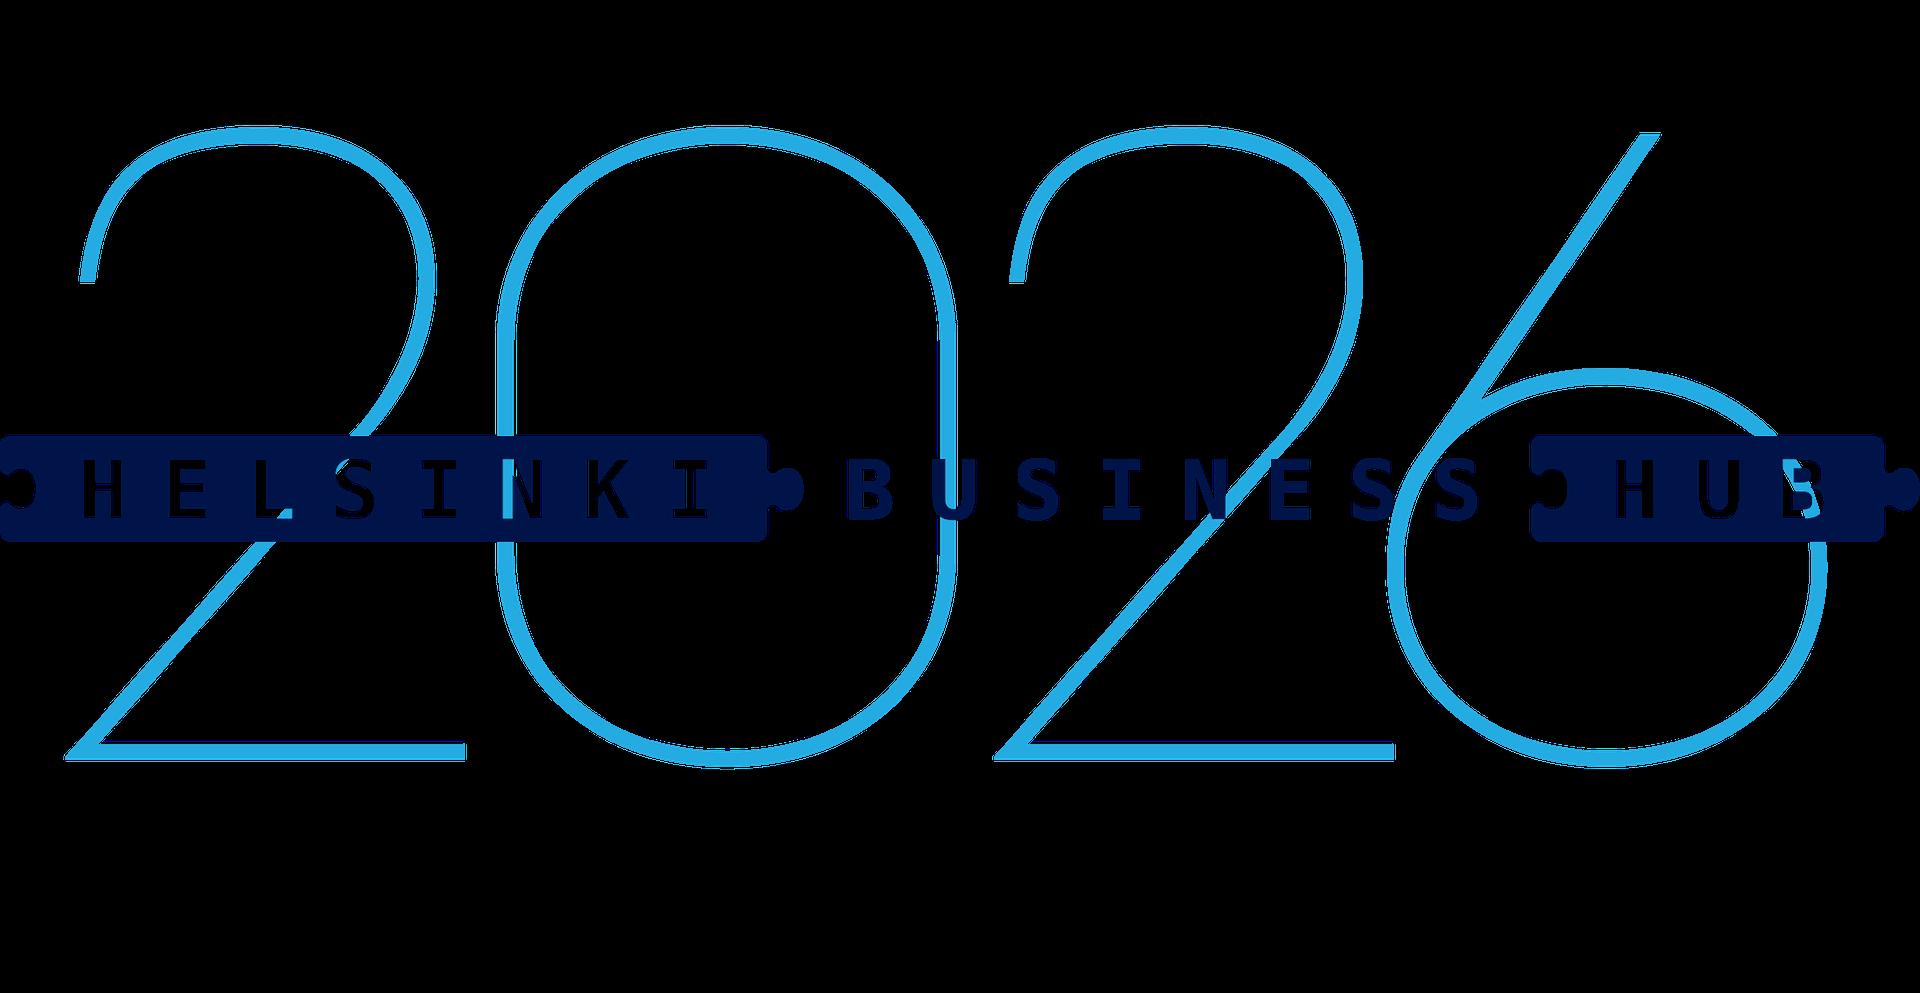 D1_helsinki2026.png